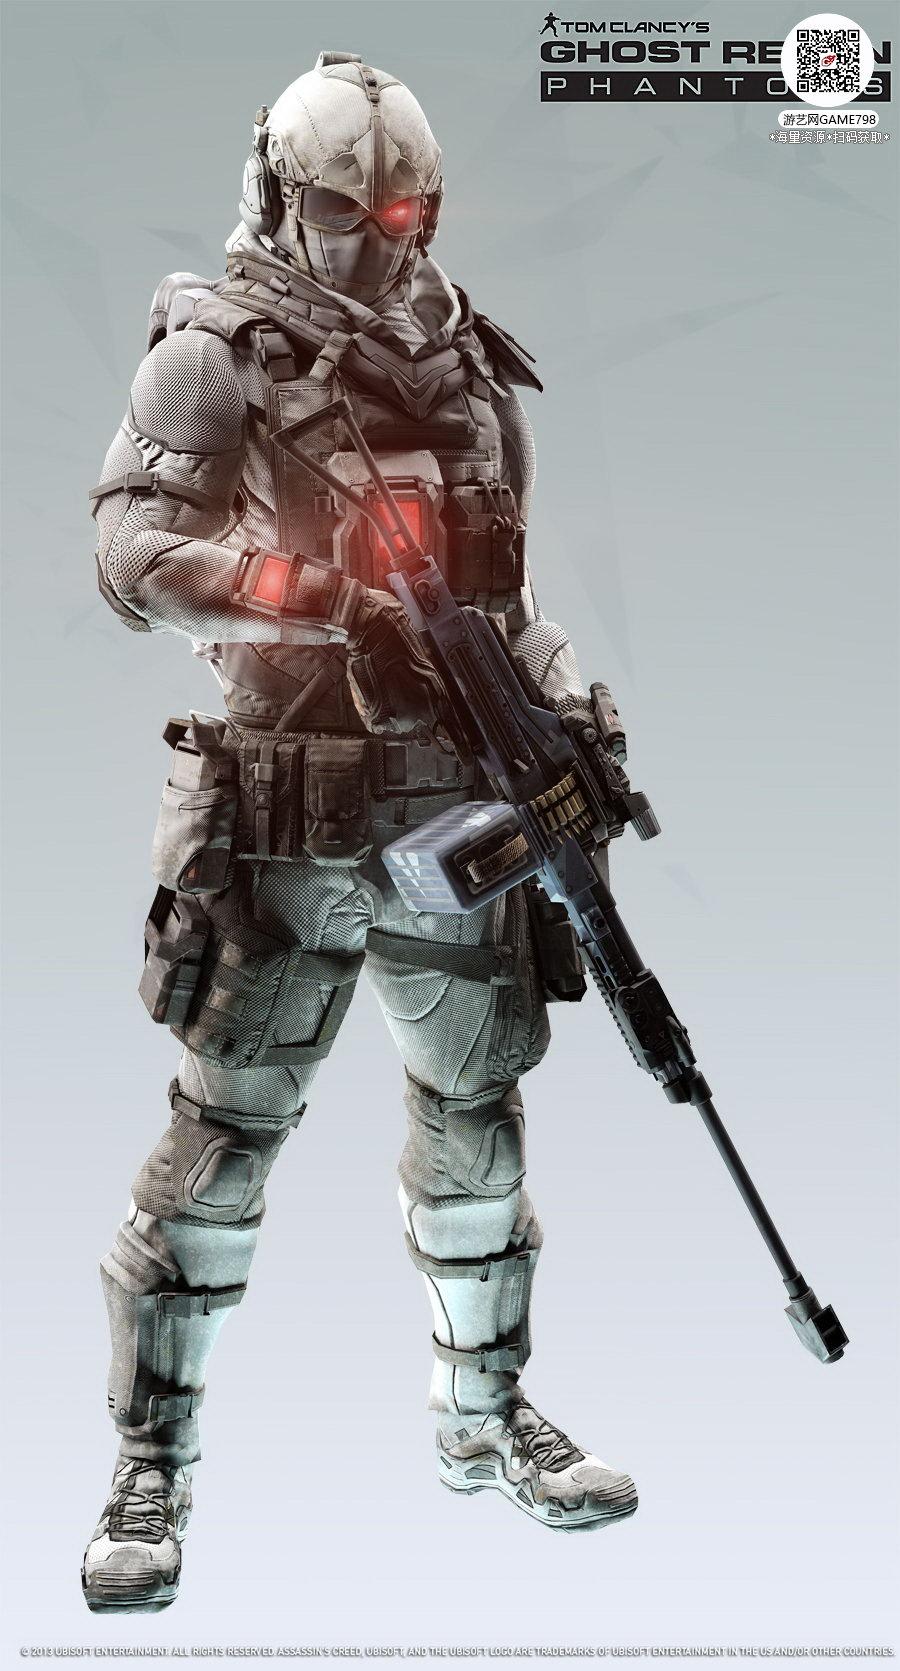 037_关注游艺网公众号获海量资源_幽灵行动未来战士次世代游戏3D模型参考原画概念设定.jpg